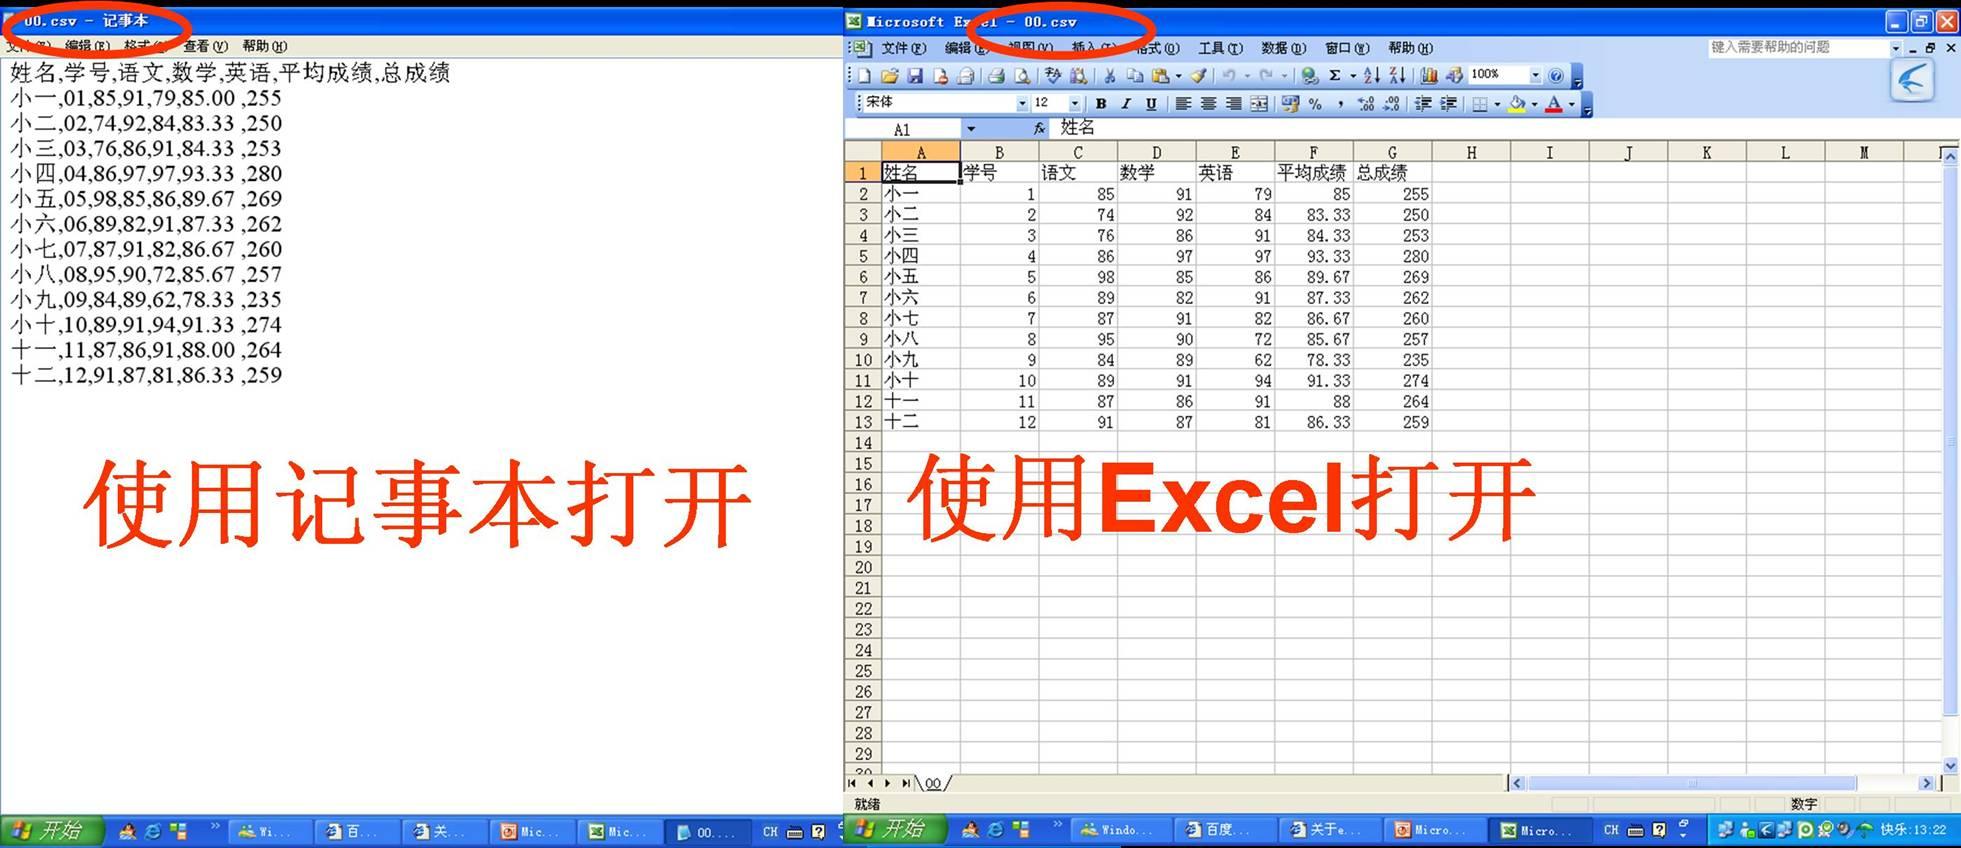 怎样将excel宏保存的格式转换成普通的excel保存格式?